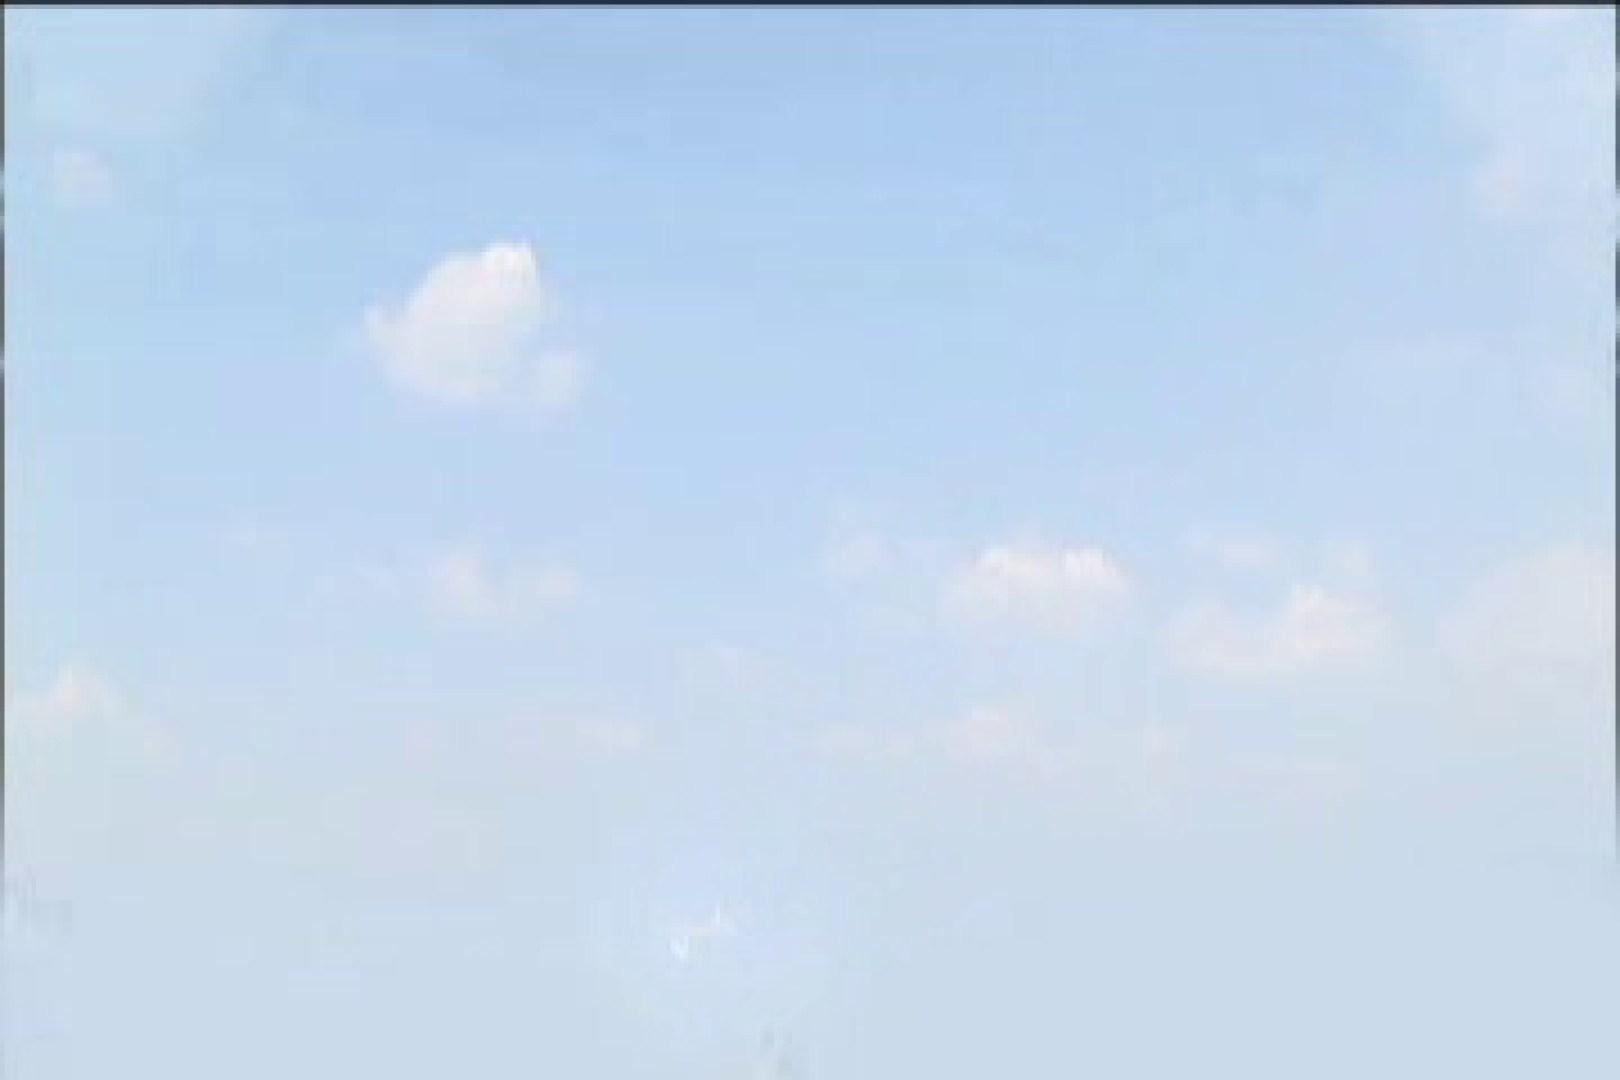 イケメン☆パラダイス〜男ざかりの君たちへ〜vol.38 ディープキス チンコ画像 111枚 4